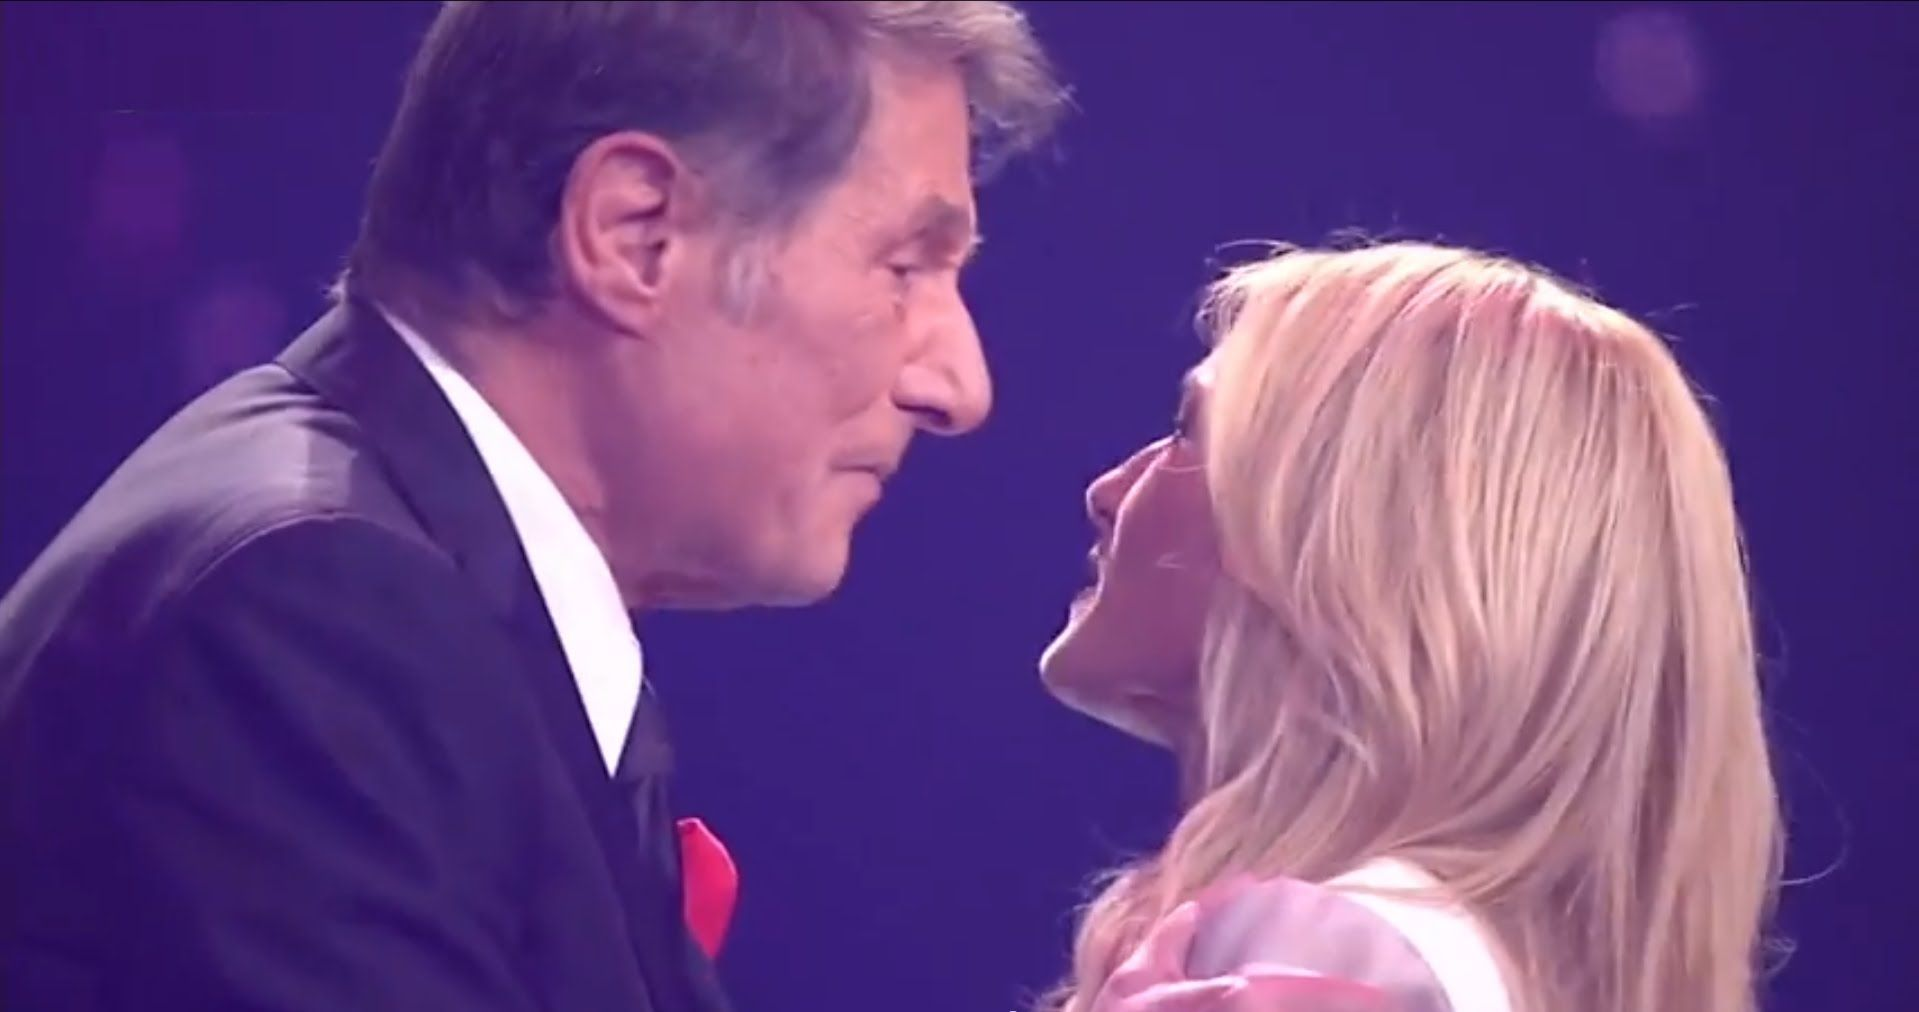 Udo Jürgens Letzter Auftritt Im Fernsehen Bei Helene Fischer Am 25